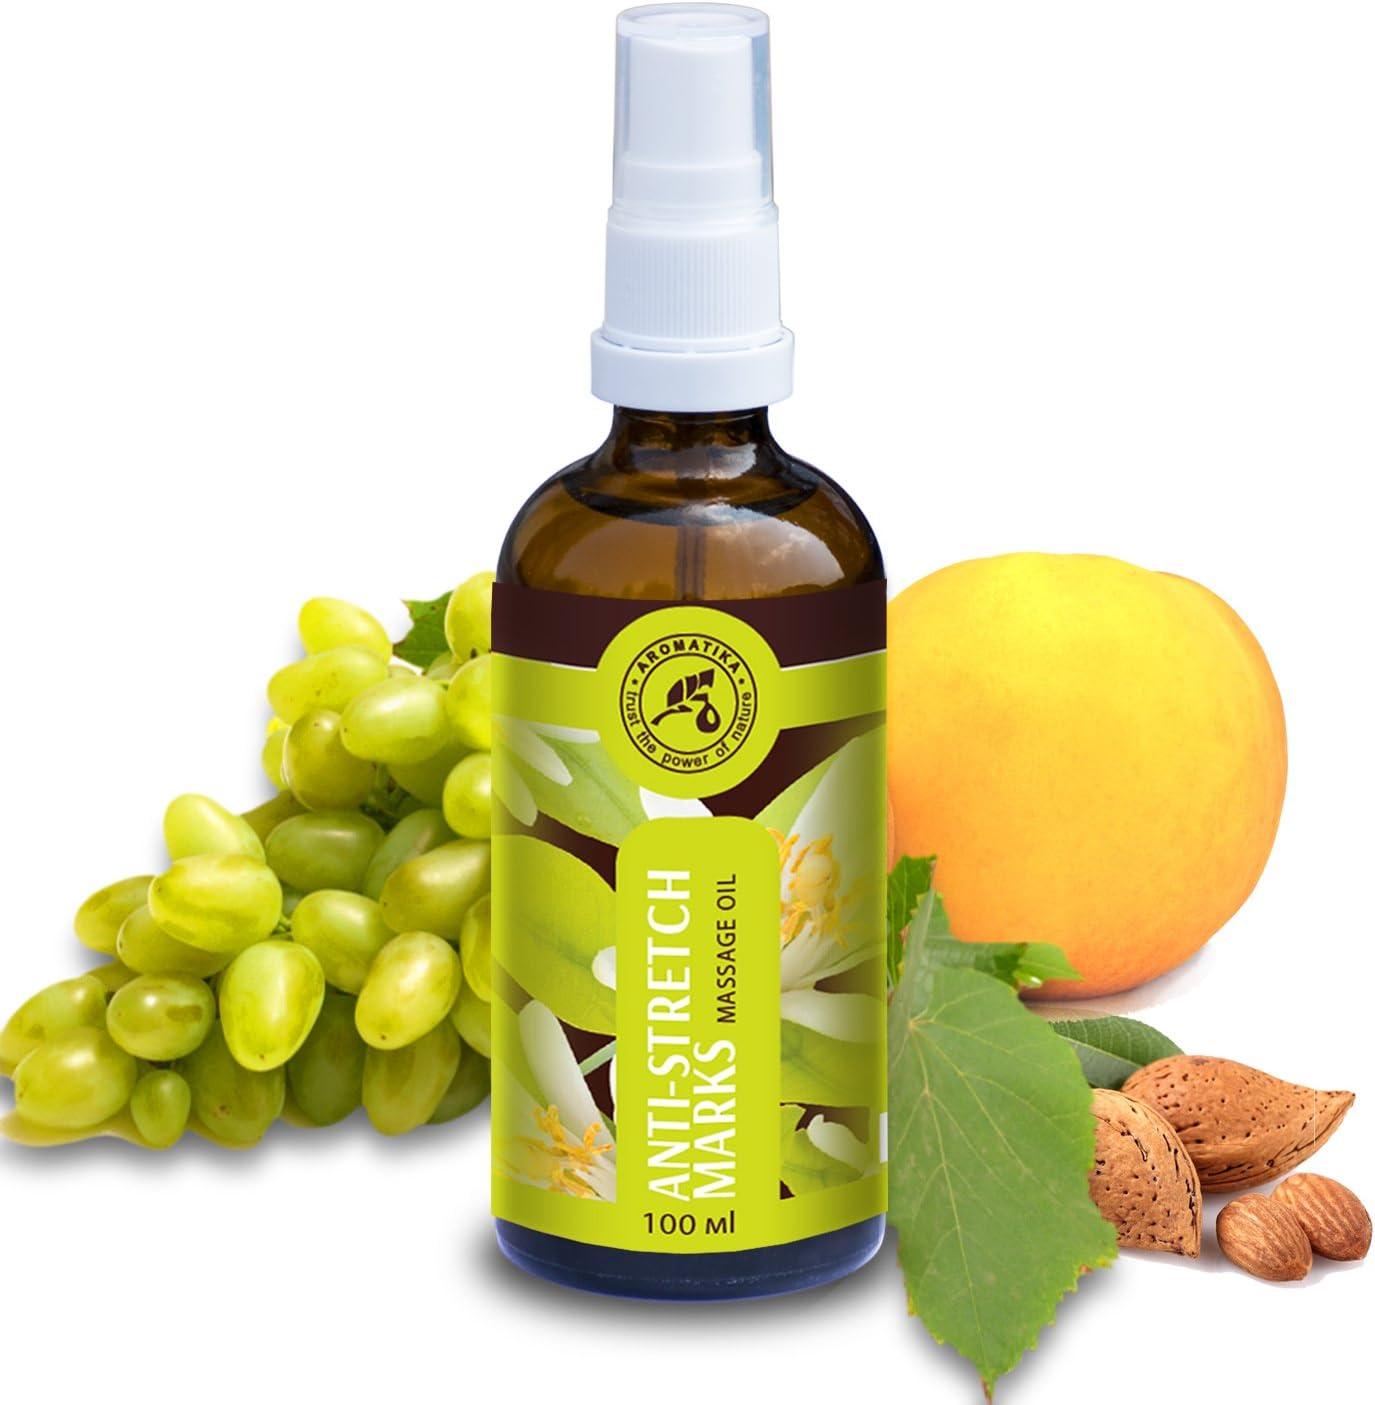 Aceite de Masaje Anti estrías 100ml - Aceite de Jojoba - Aceite de Almendra y Aceite de Mandarina - Cosméticos Naturales - para Estrías - Marcas del Embarazo con Maravilloso Aroma